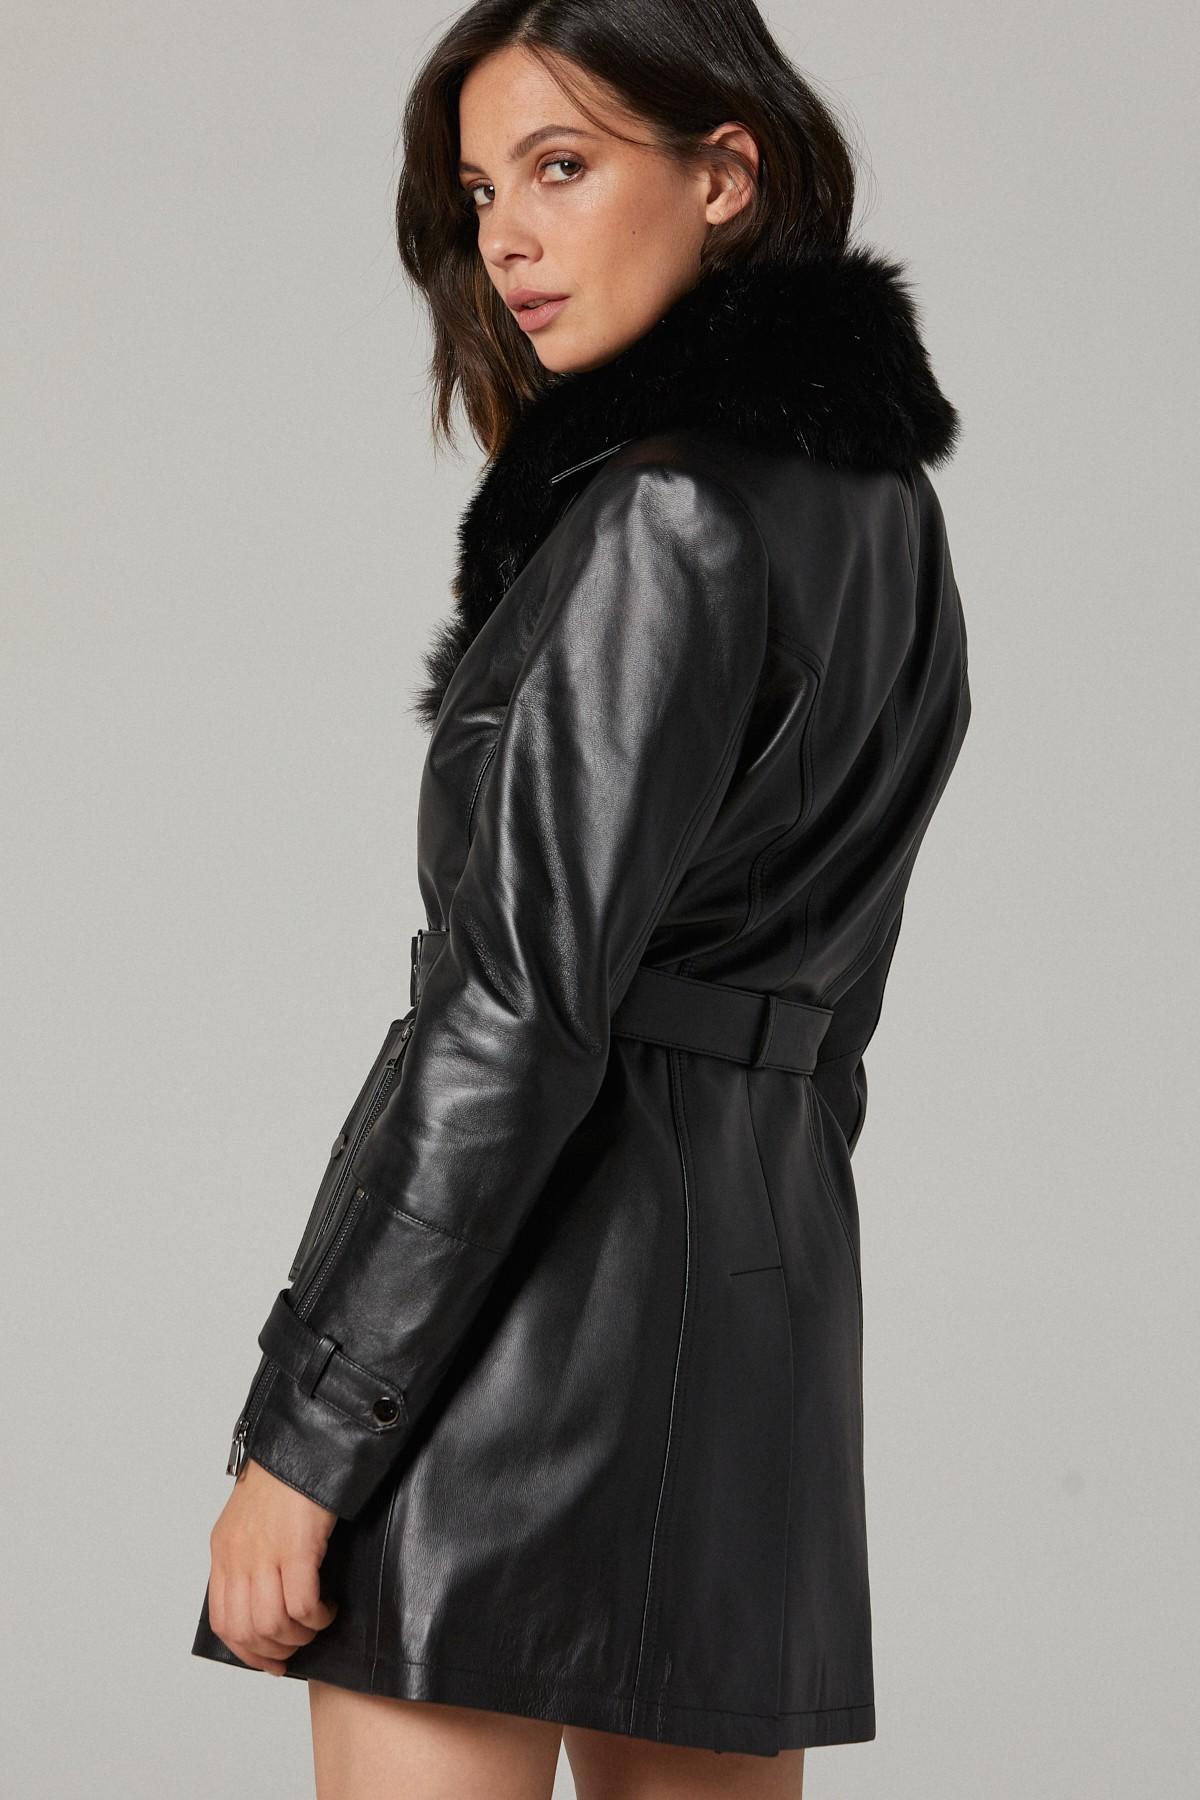 Milwaukee Leather Women's Jacket